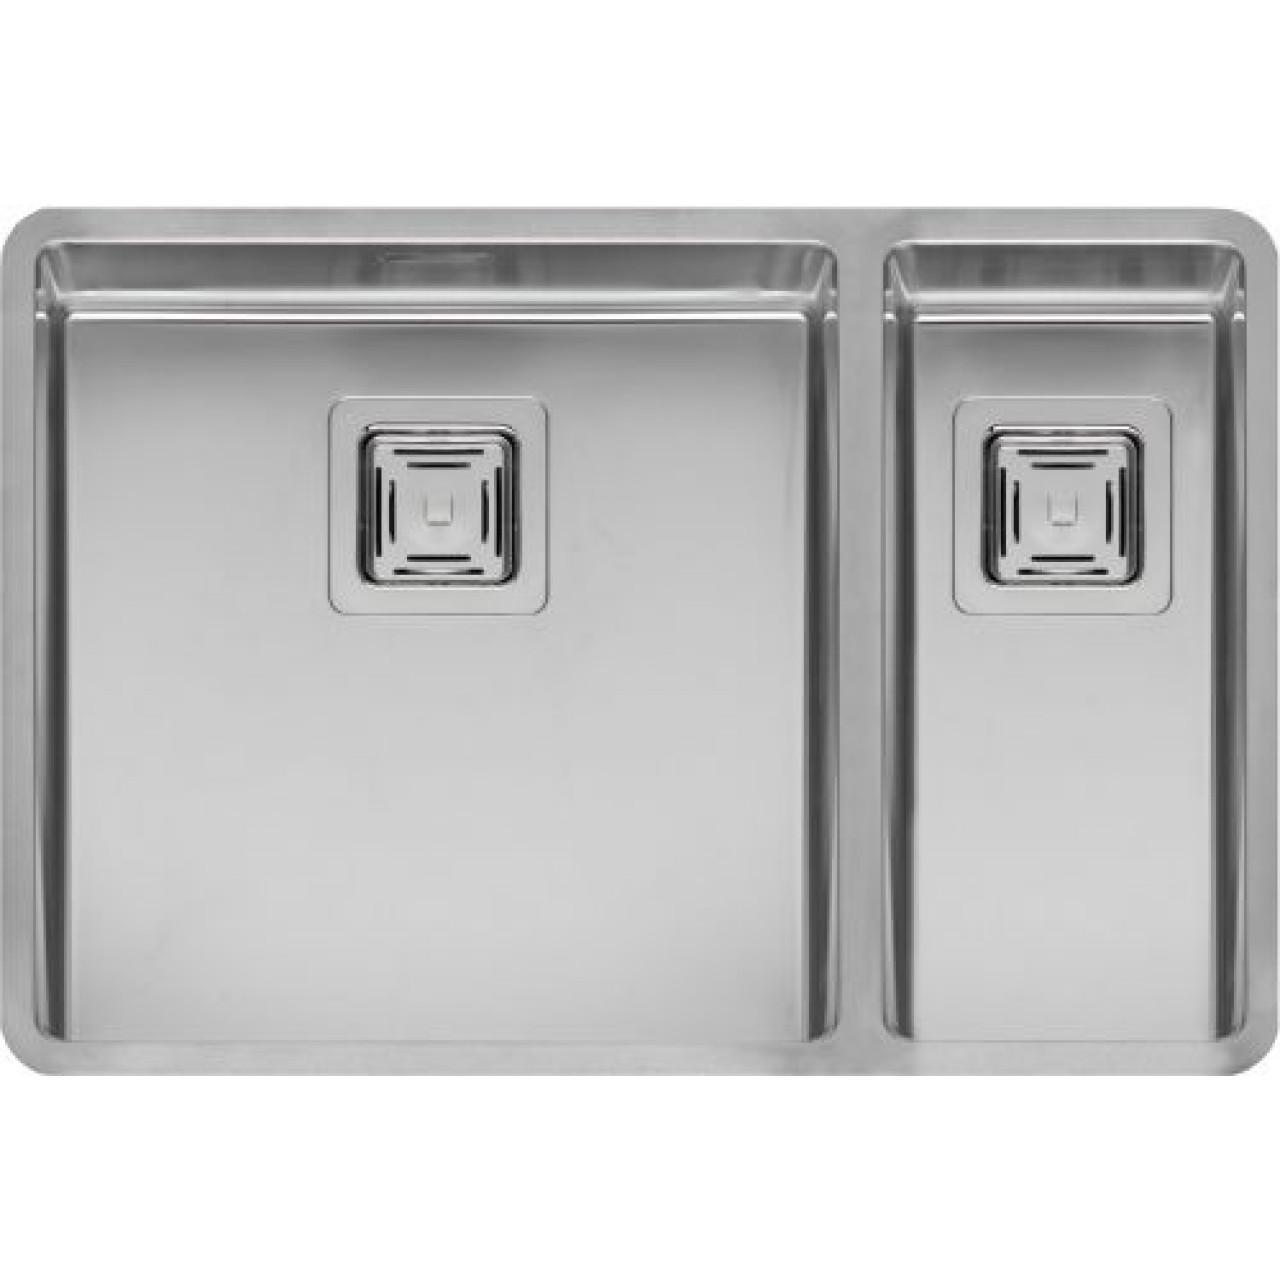 Кухонная мойка Reginox Texas 40x40+18x40 41475 купить в Москве по цене от 64500р. в интернет-магазине mebel-v-vannu.ru